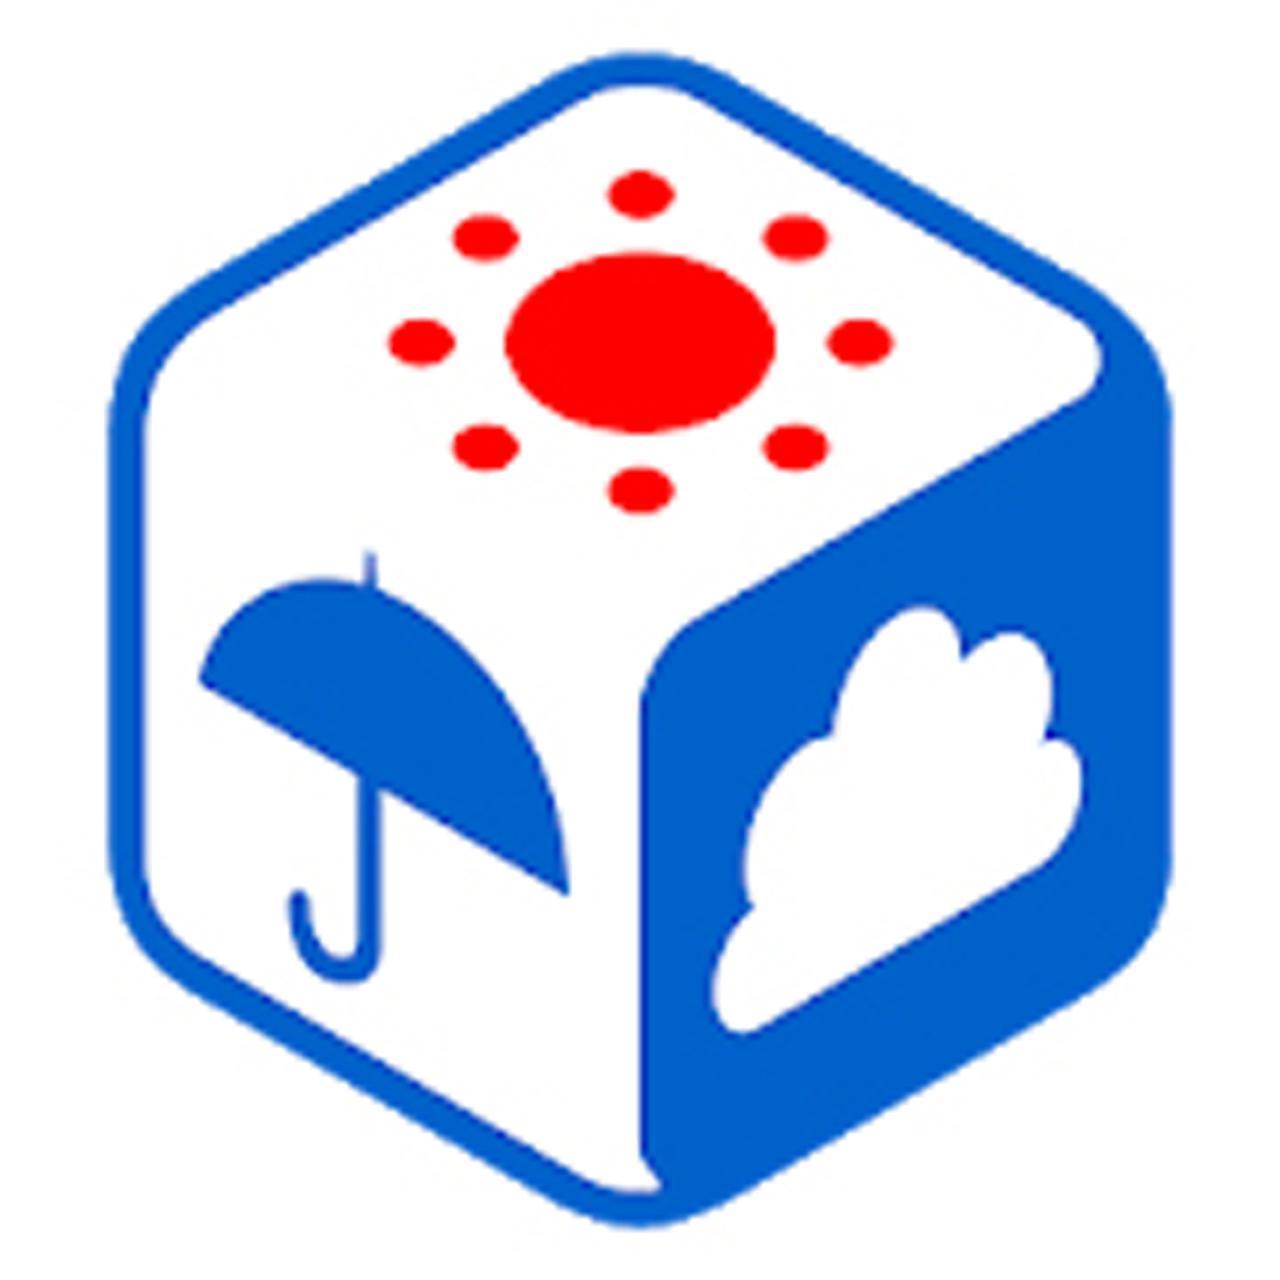 画像3: 豪雨情報、台風情報を事前に収集したいなら、このアプリ!  人気の気象アプリ5種をチェック!